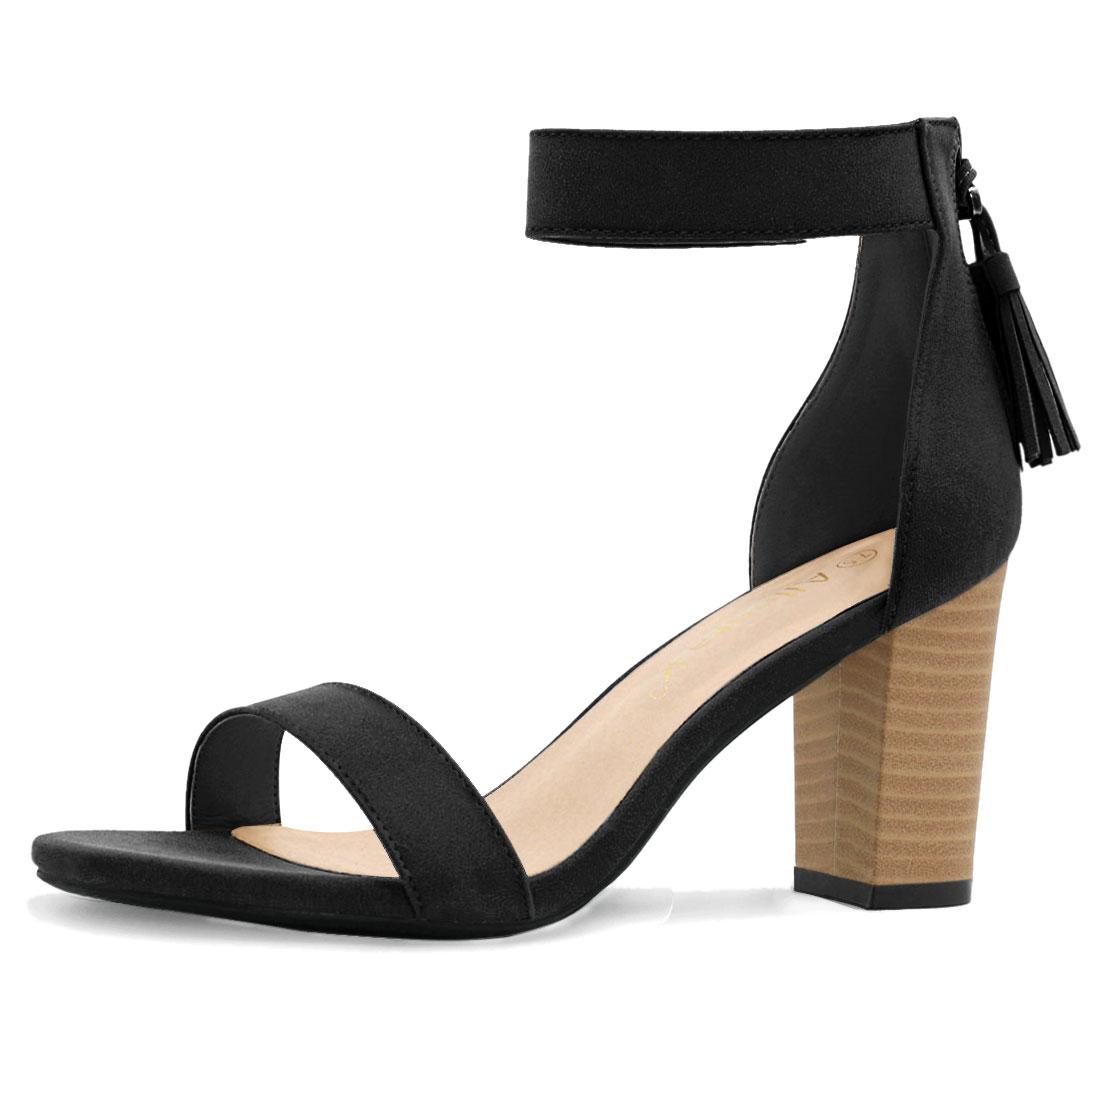 Women Open Toe Tassel Stacked Heel Ankle Strap Sandals Black US 11.5